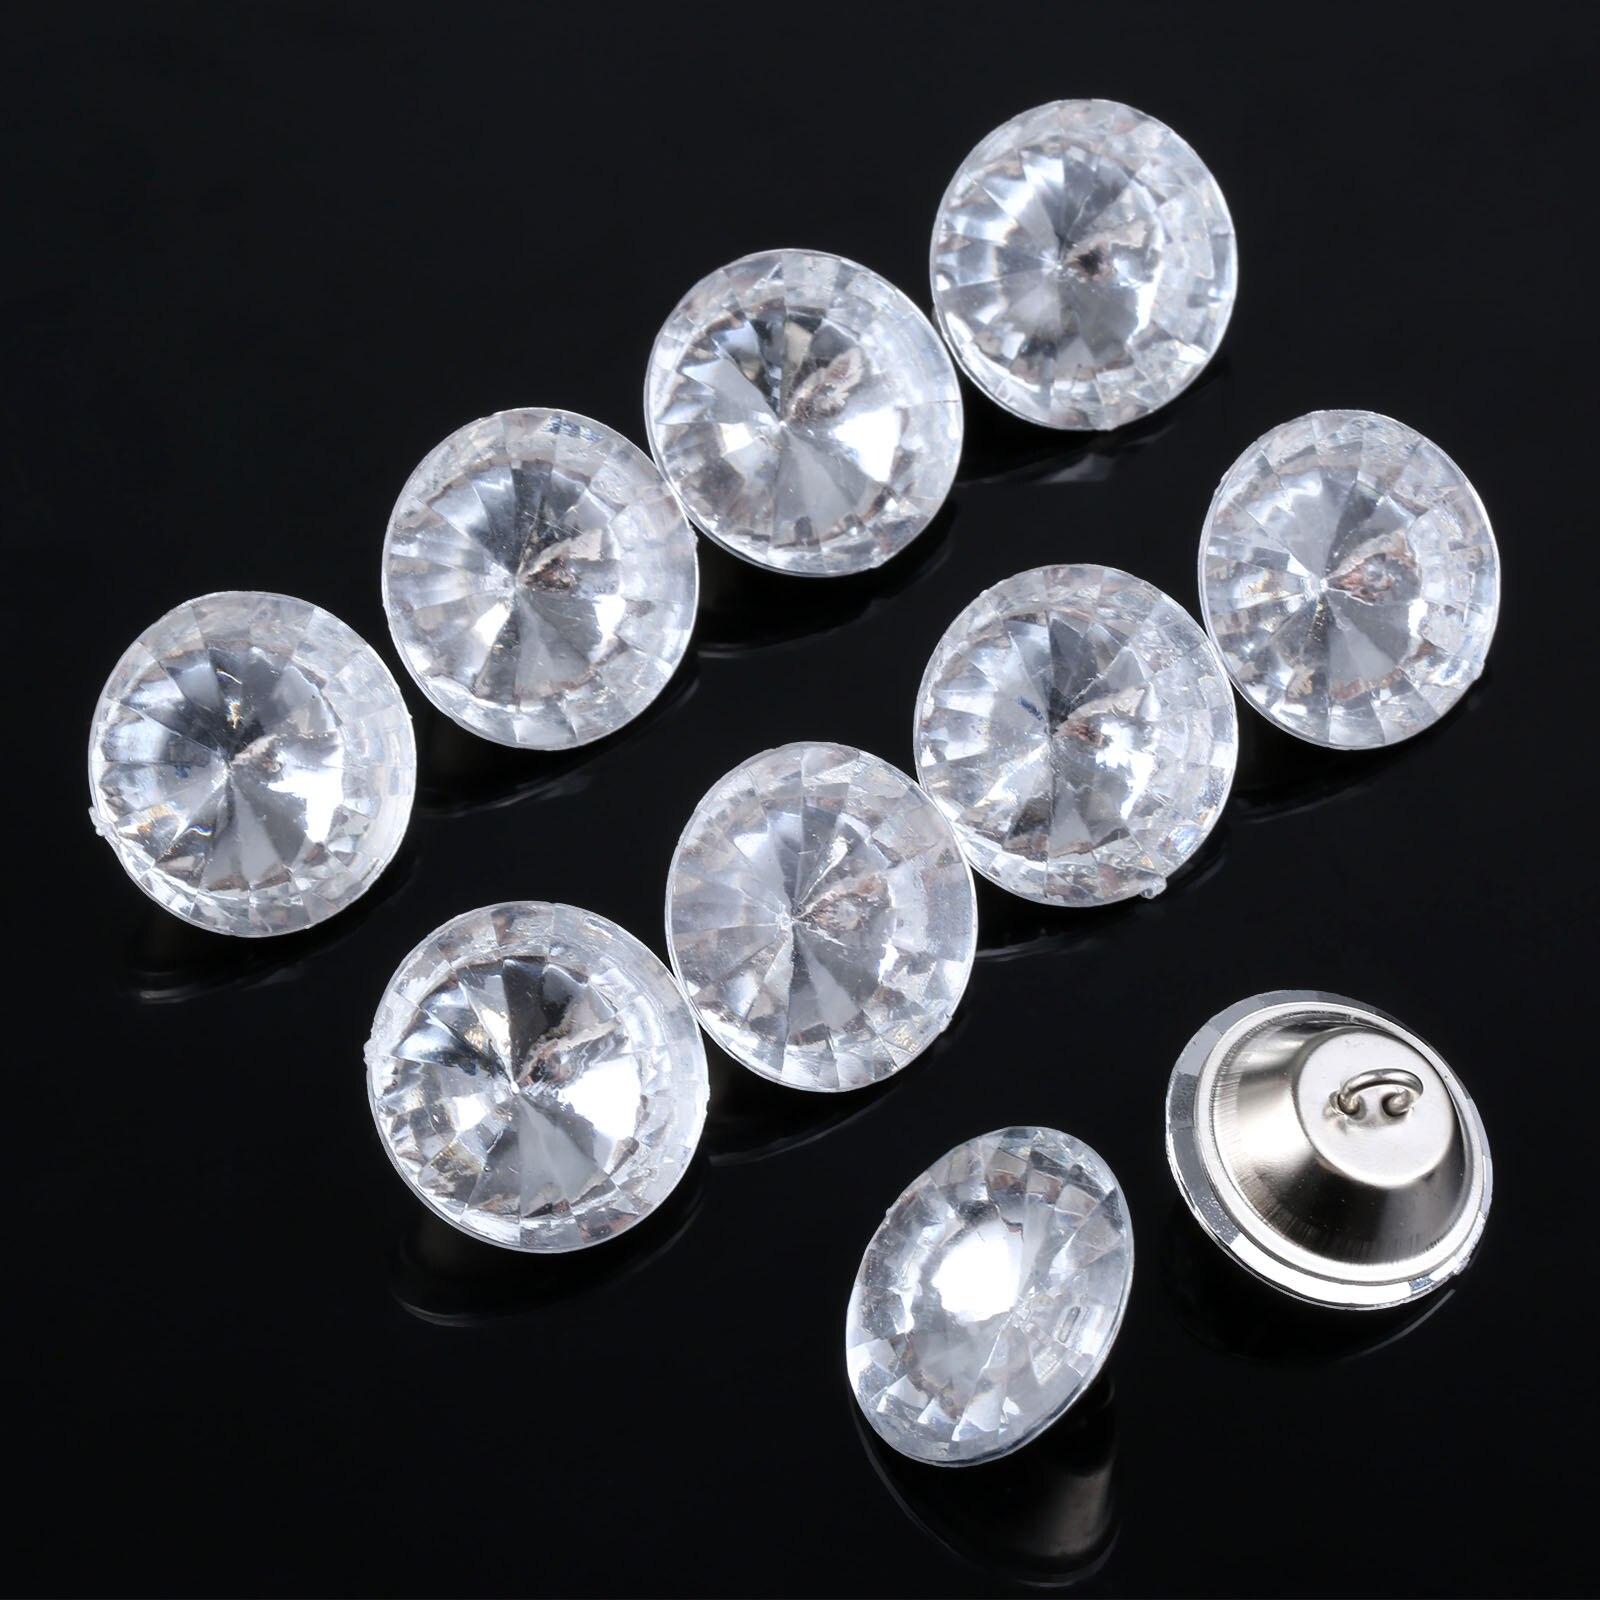 10Pcs Rhinestone Diamond Acrylic Upholstery Buttons 2 Size Furniture Accessory